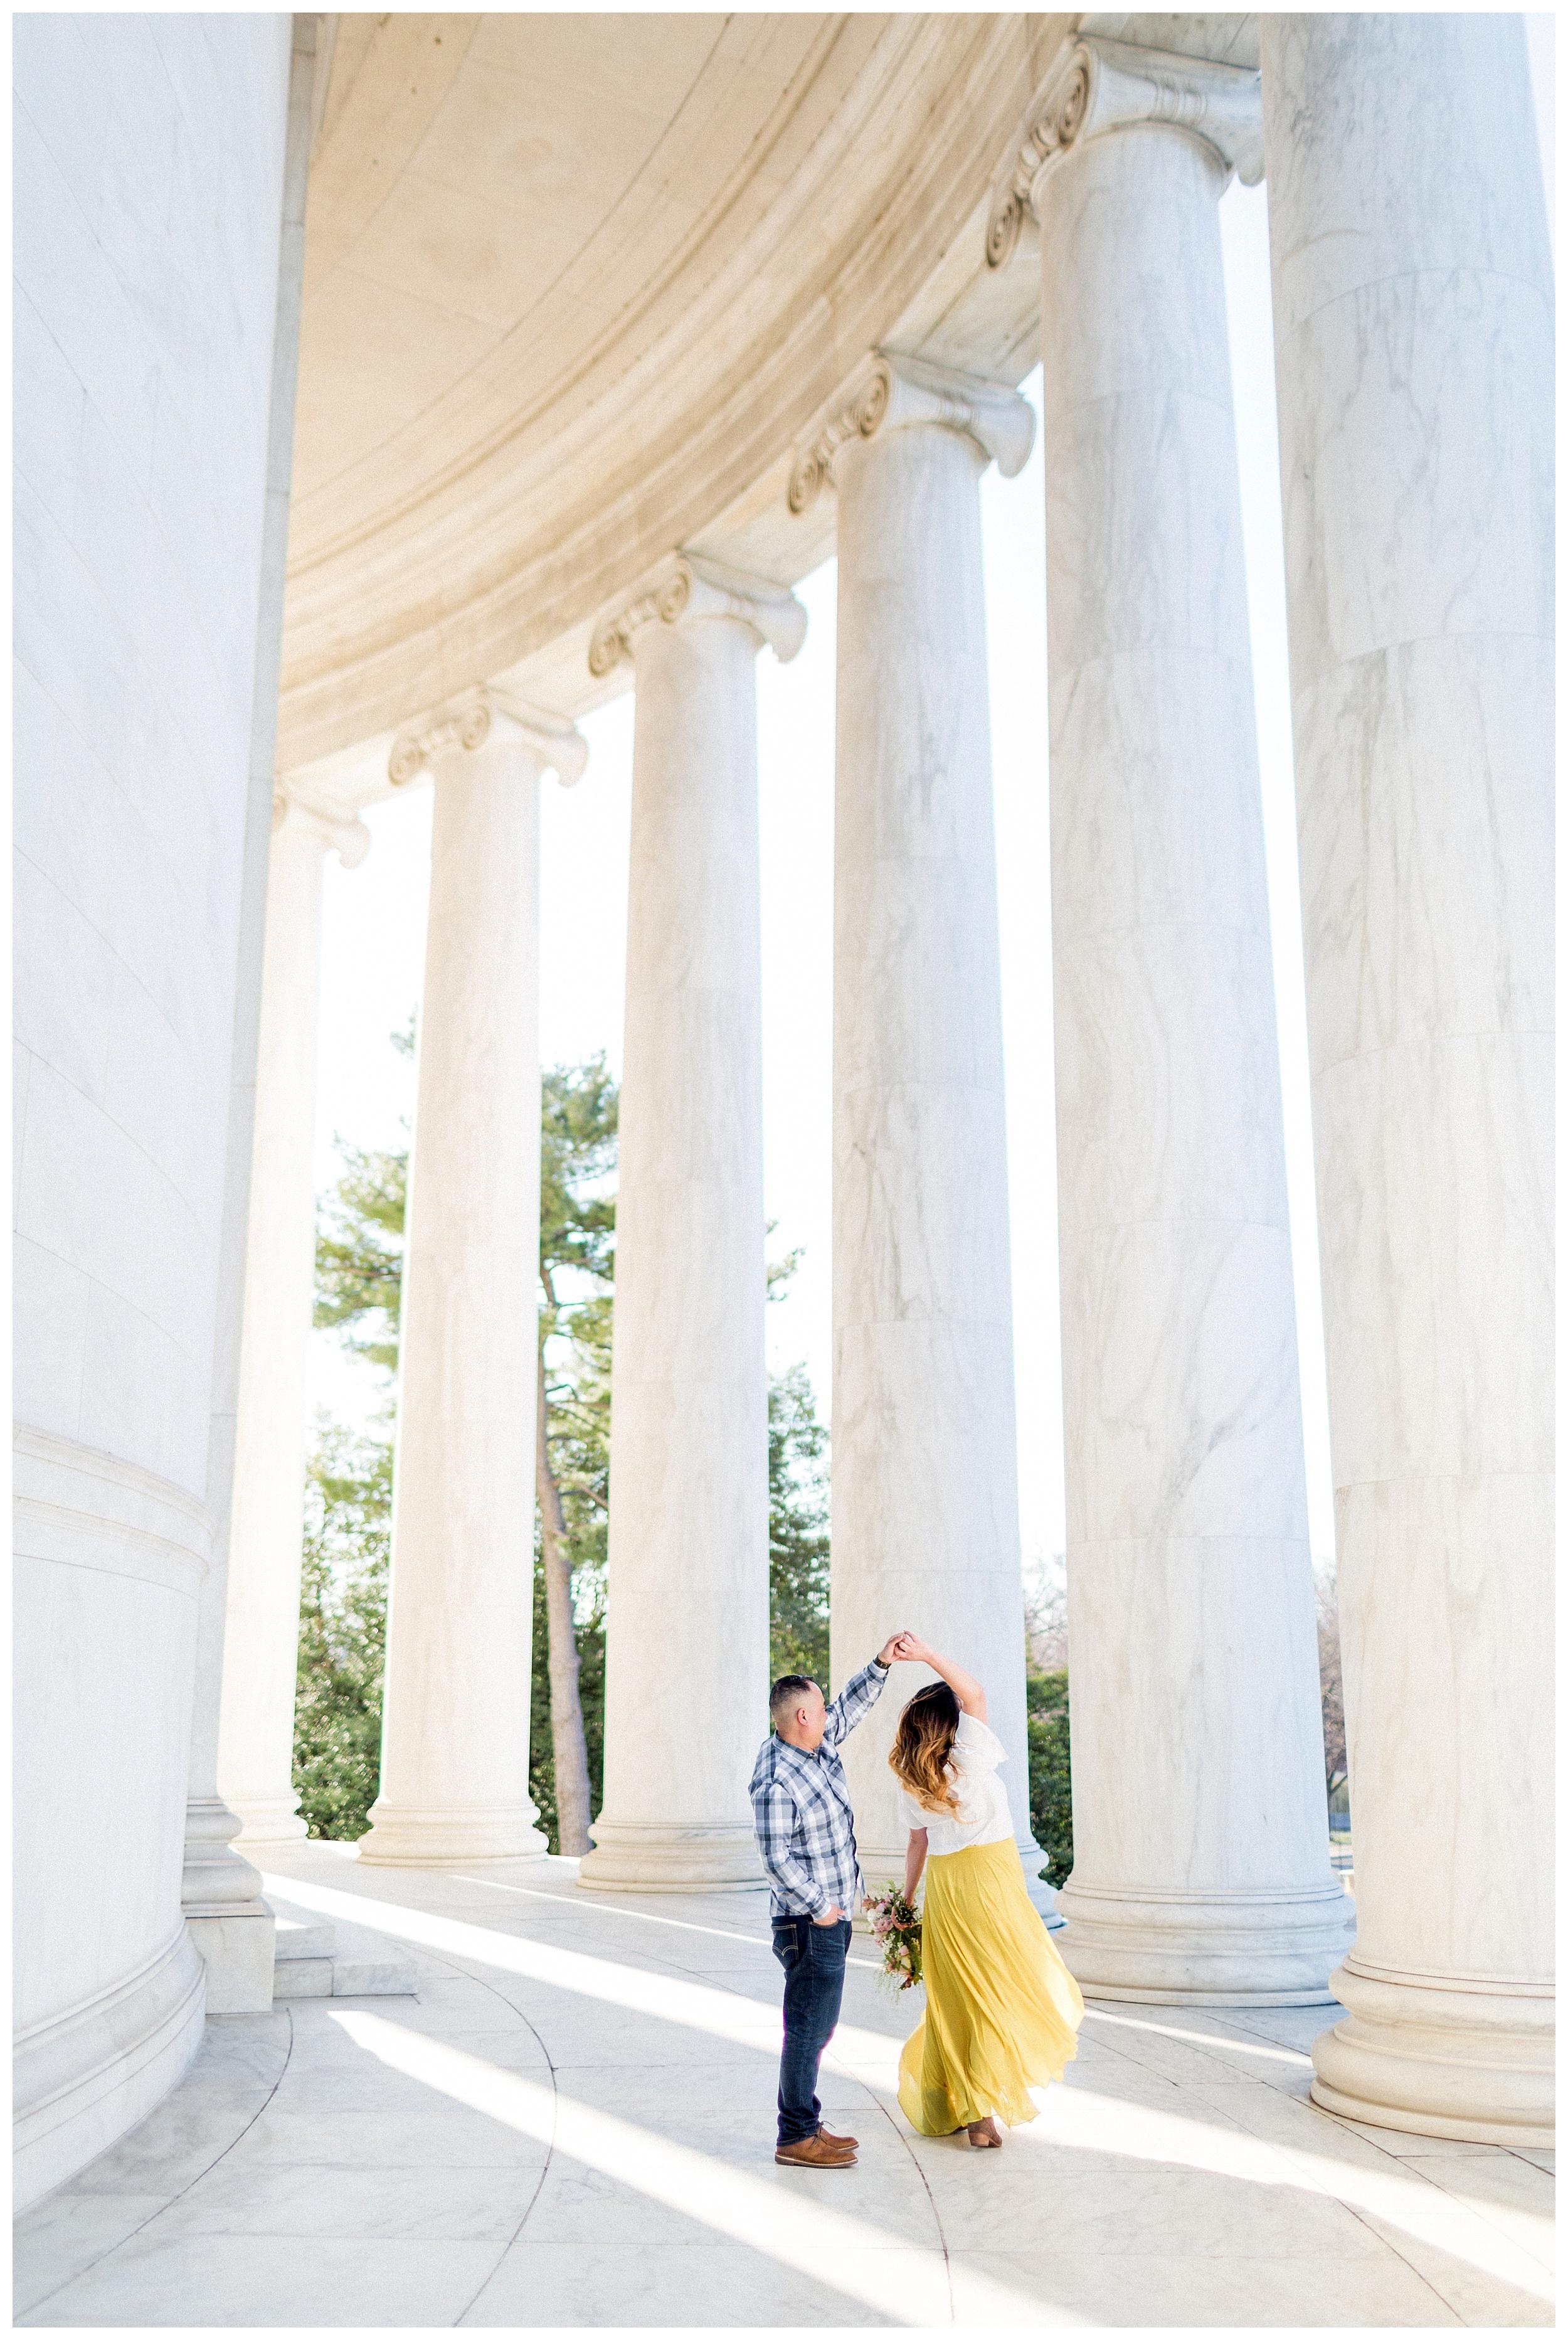 Washington DC Engagement Photos | Thomas Jefferson Engagement Session_0017.jpg